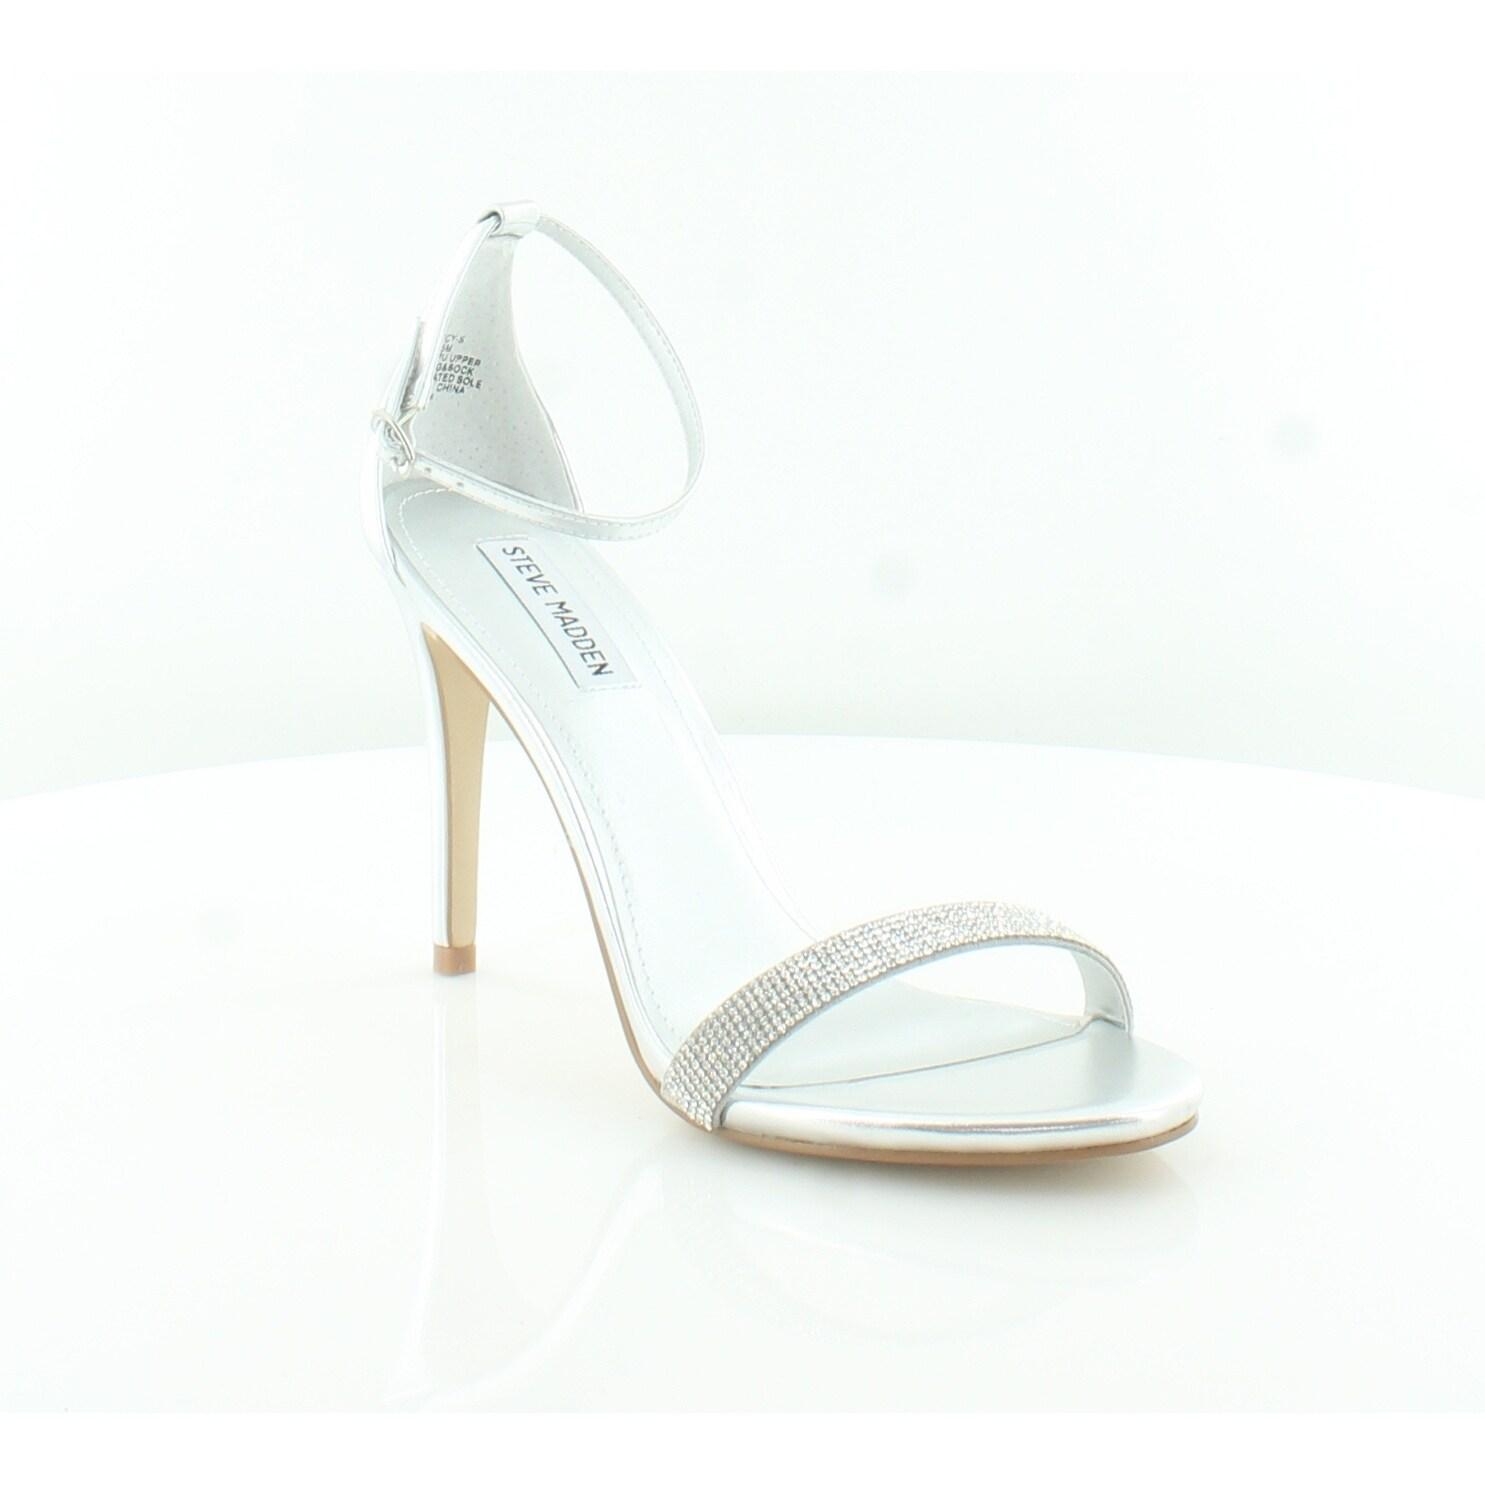 4f0b6f2bd03 Buy High Heel Steve Madden Women s Heels Online at Overstock